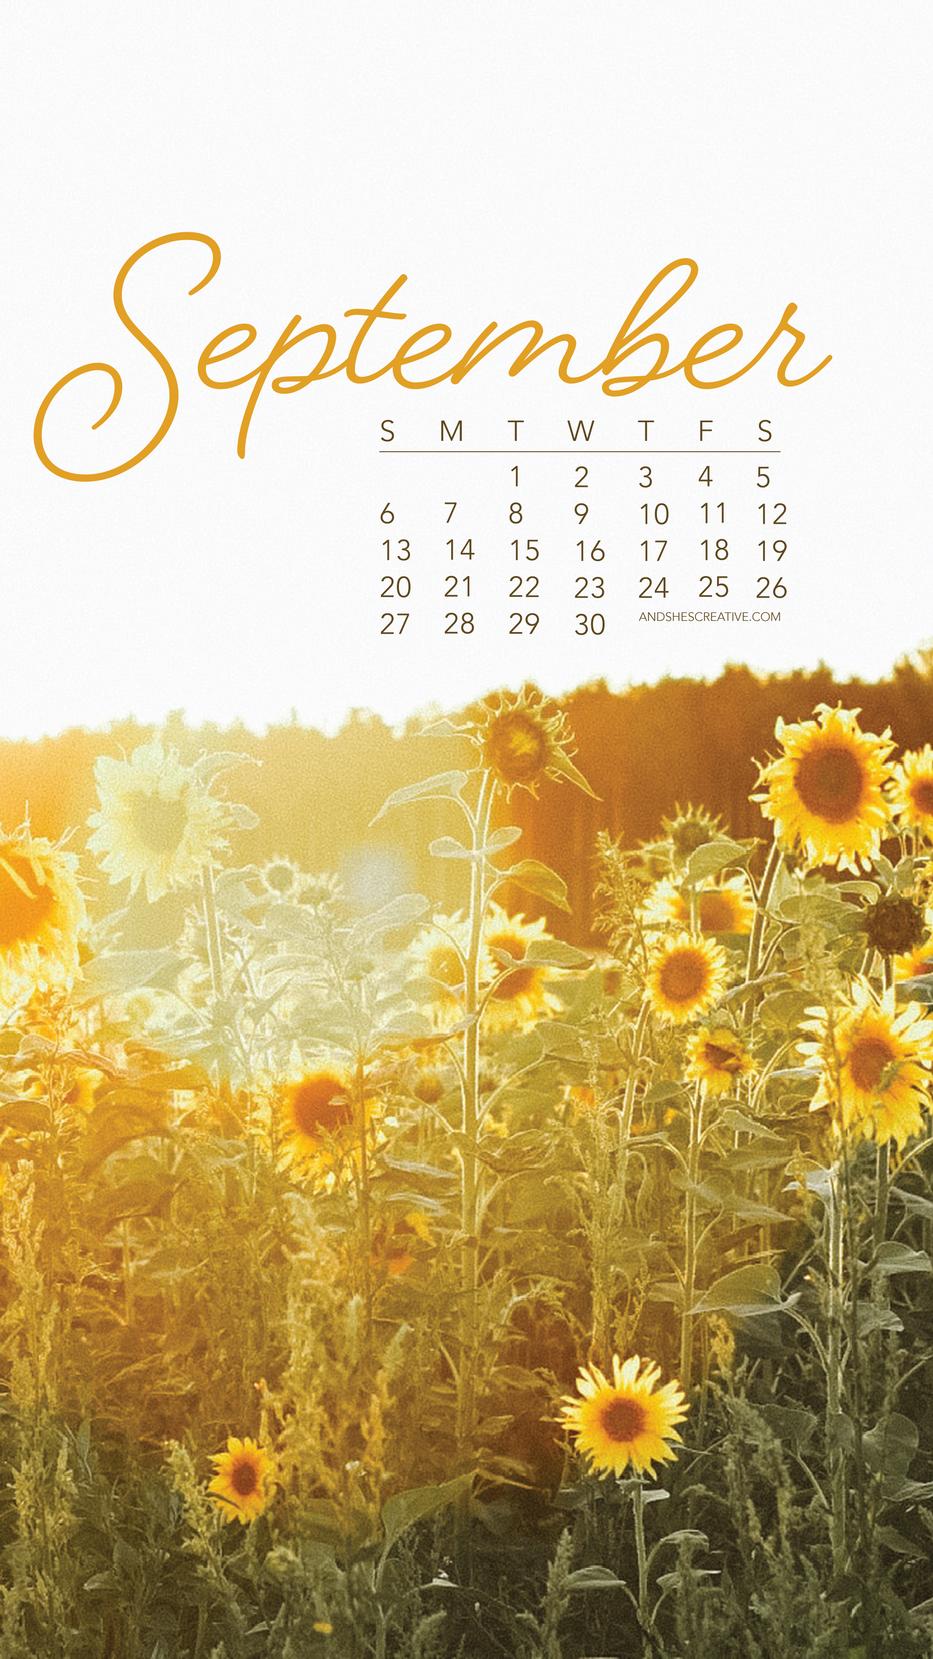 September Sunflower Mobile Background